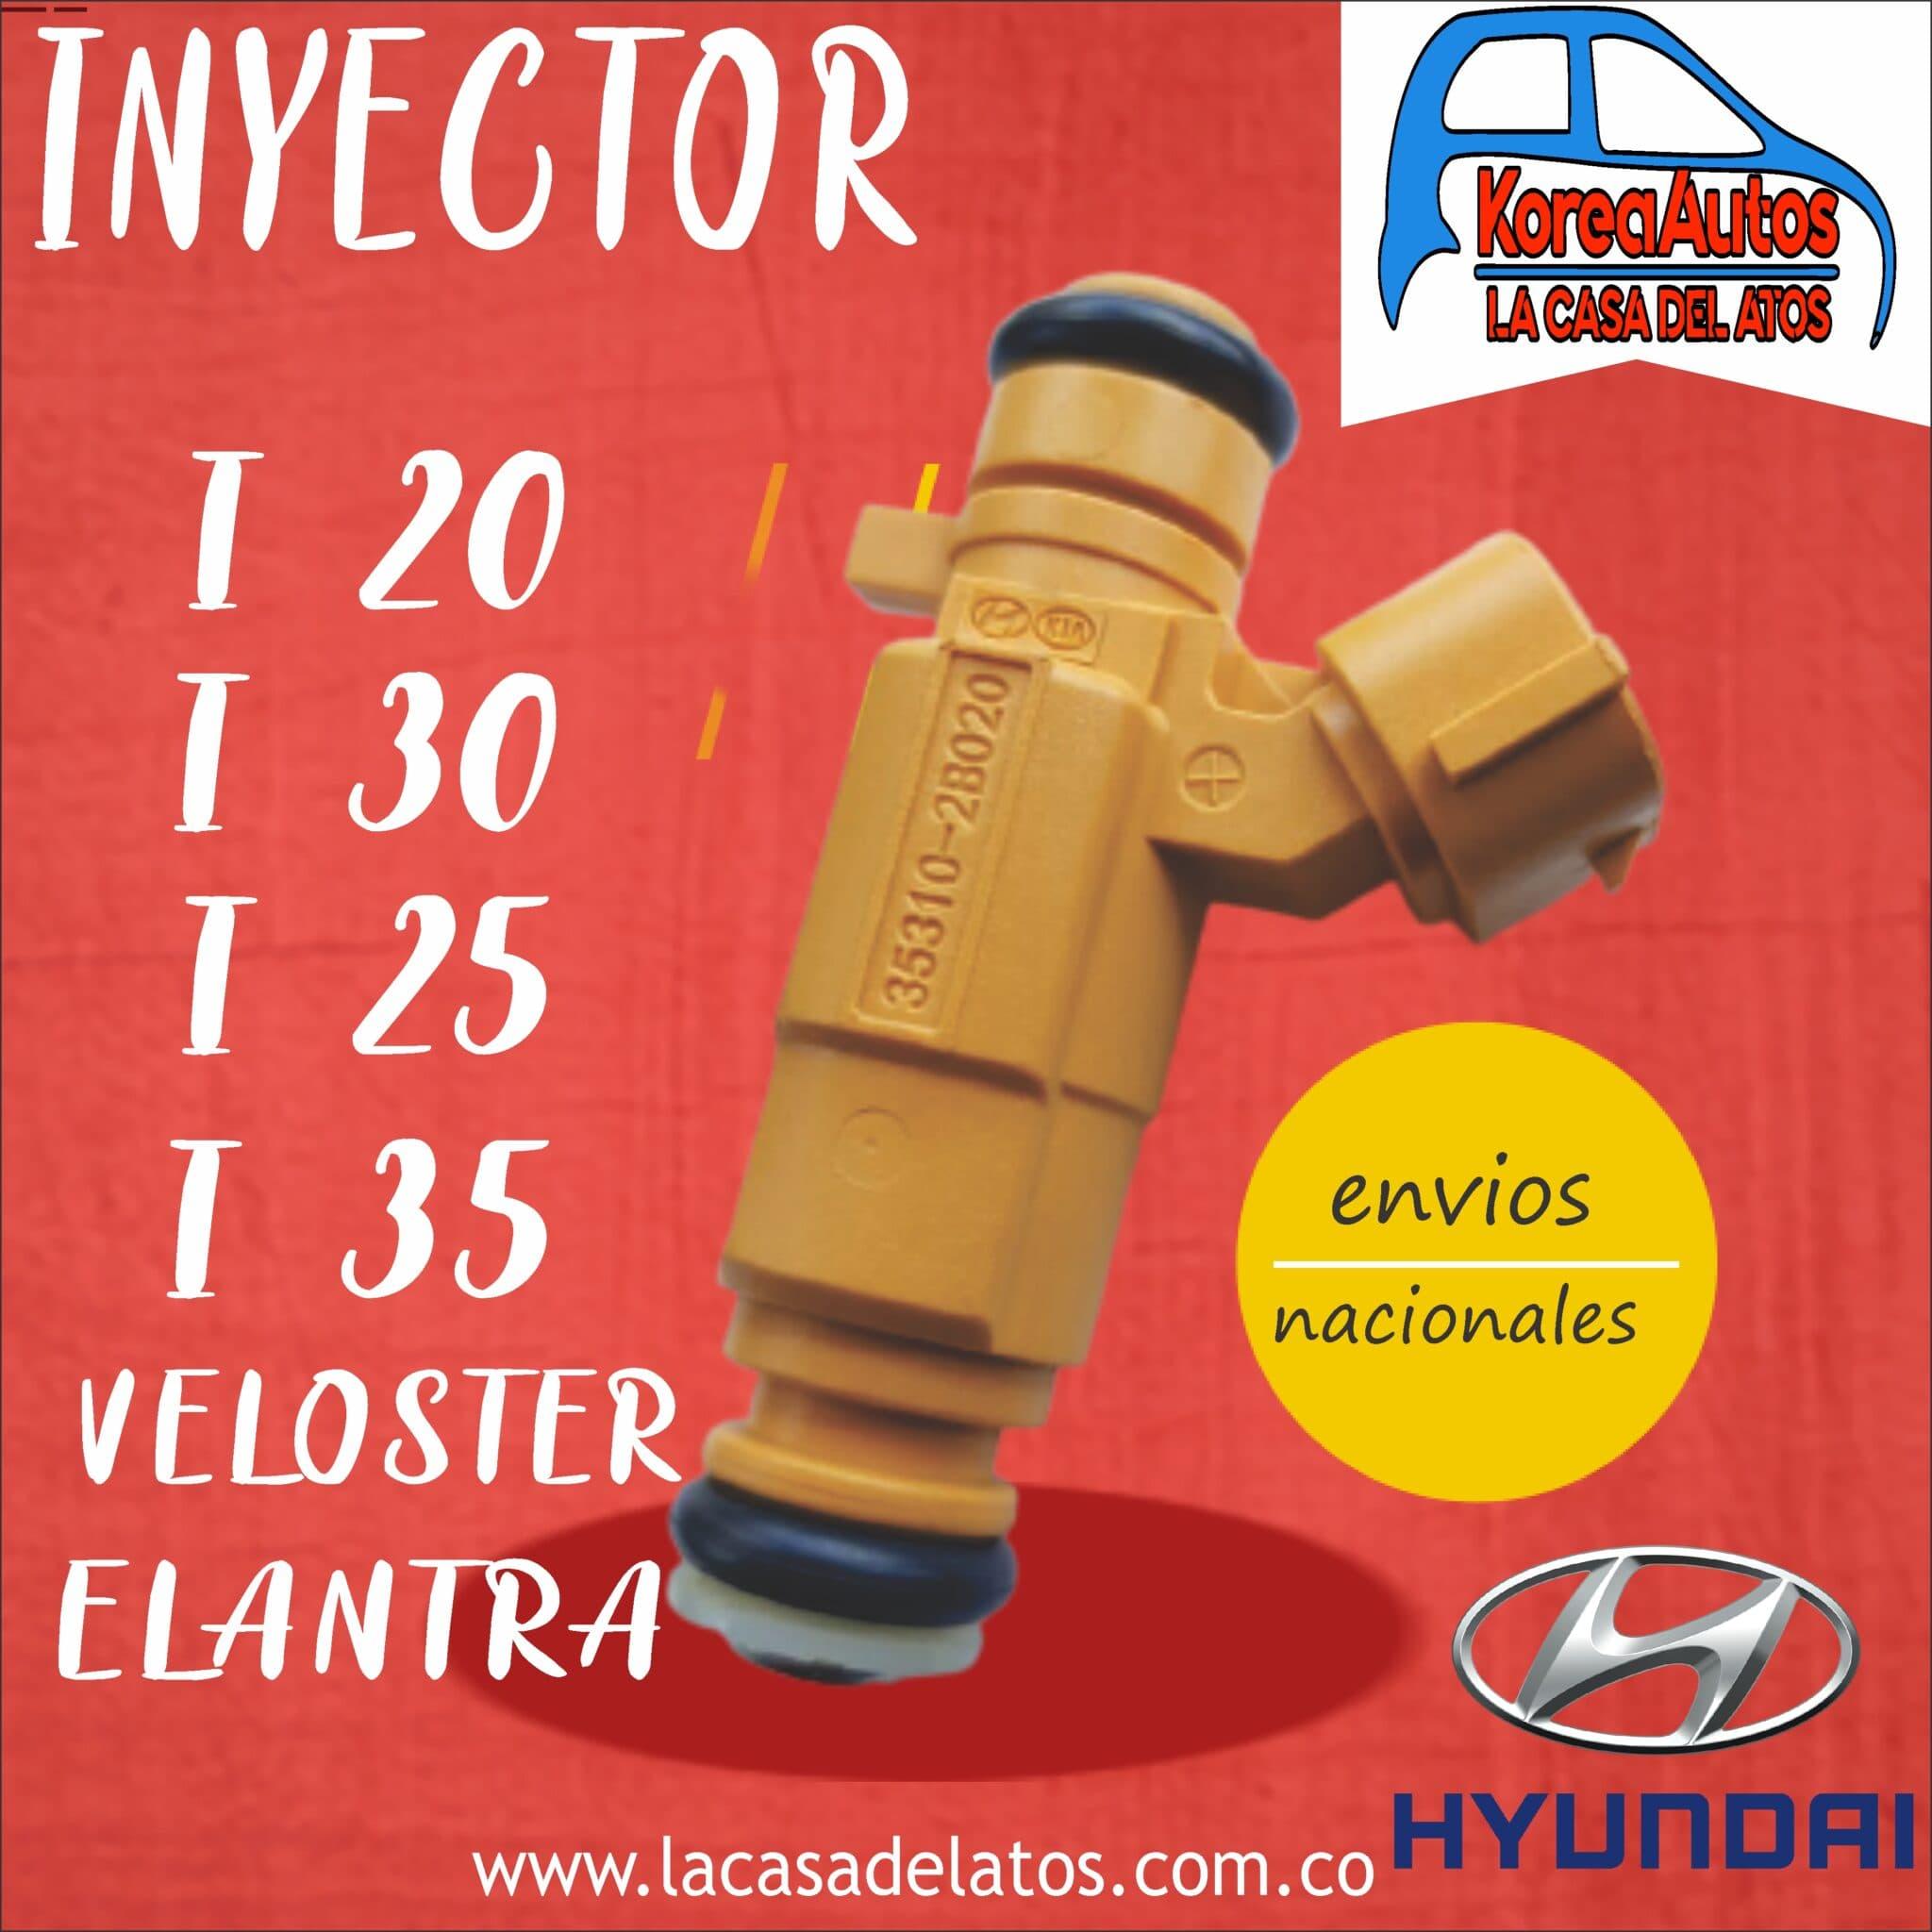 Inyector I20 I30 I25 I35 Elantra Veloster